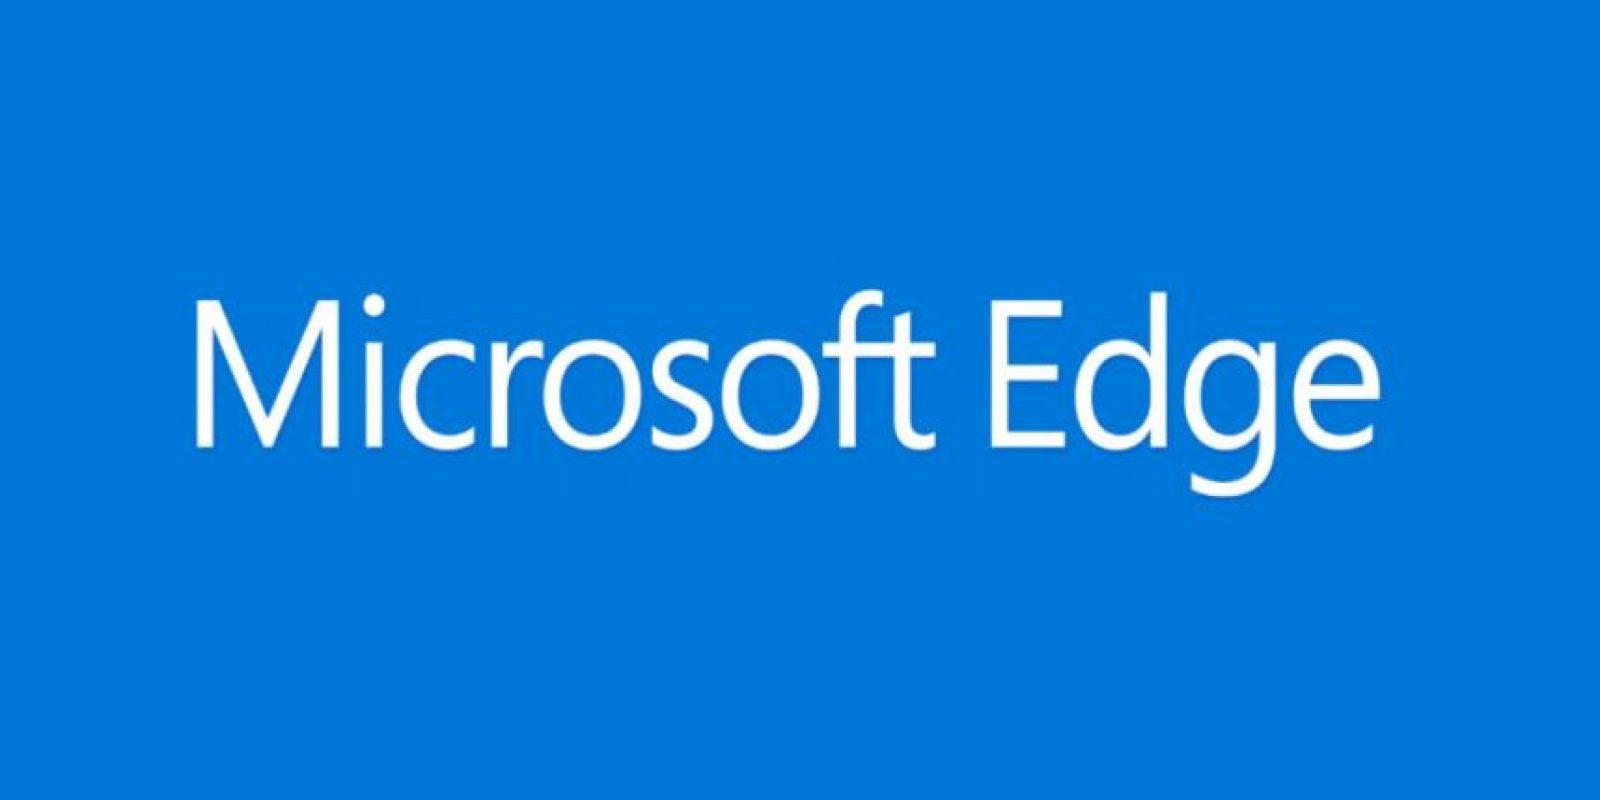 Windows presentó su nuevo navegador Edge con un video promocional Foto:Microsoft Windows